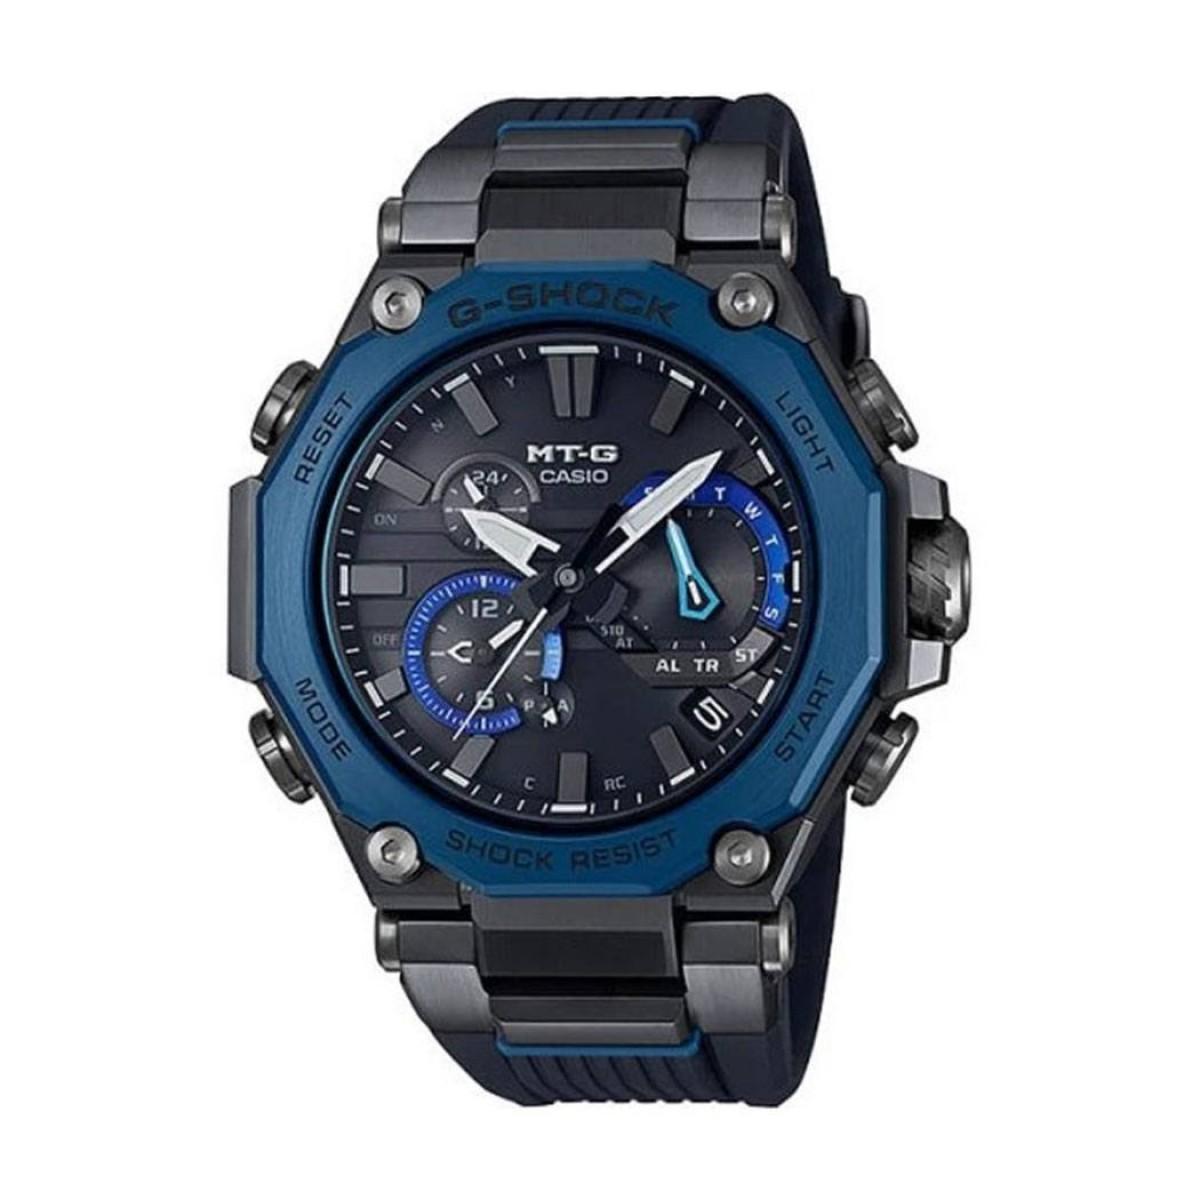 Часовник Casio G-Shock MTG-B2000B-1A2ER